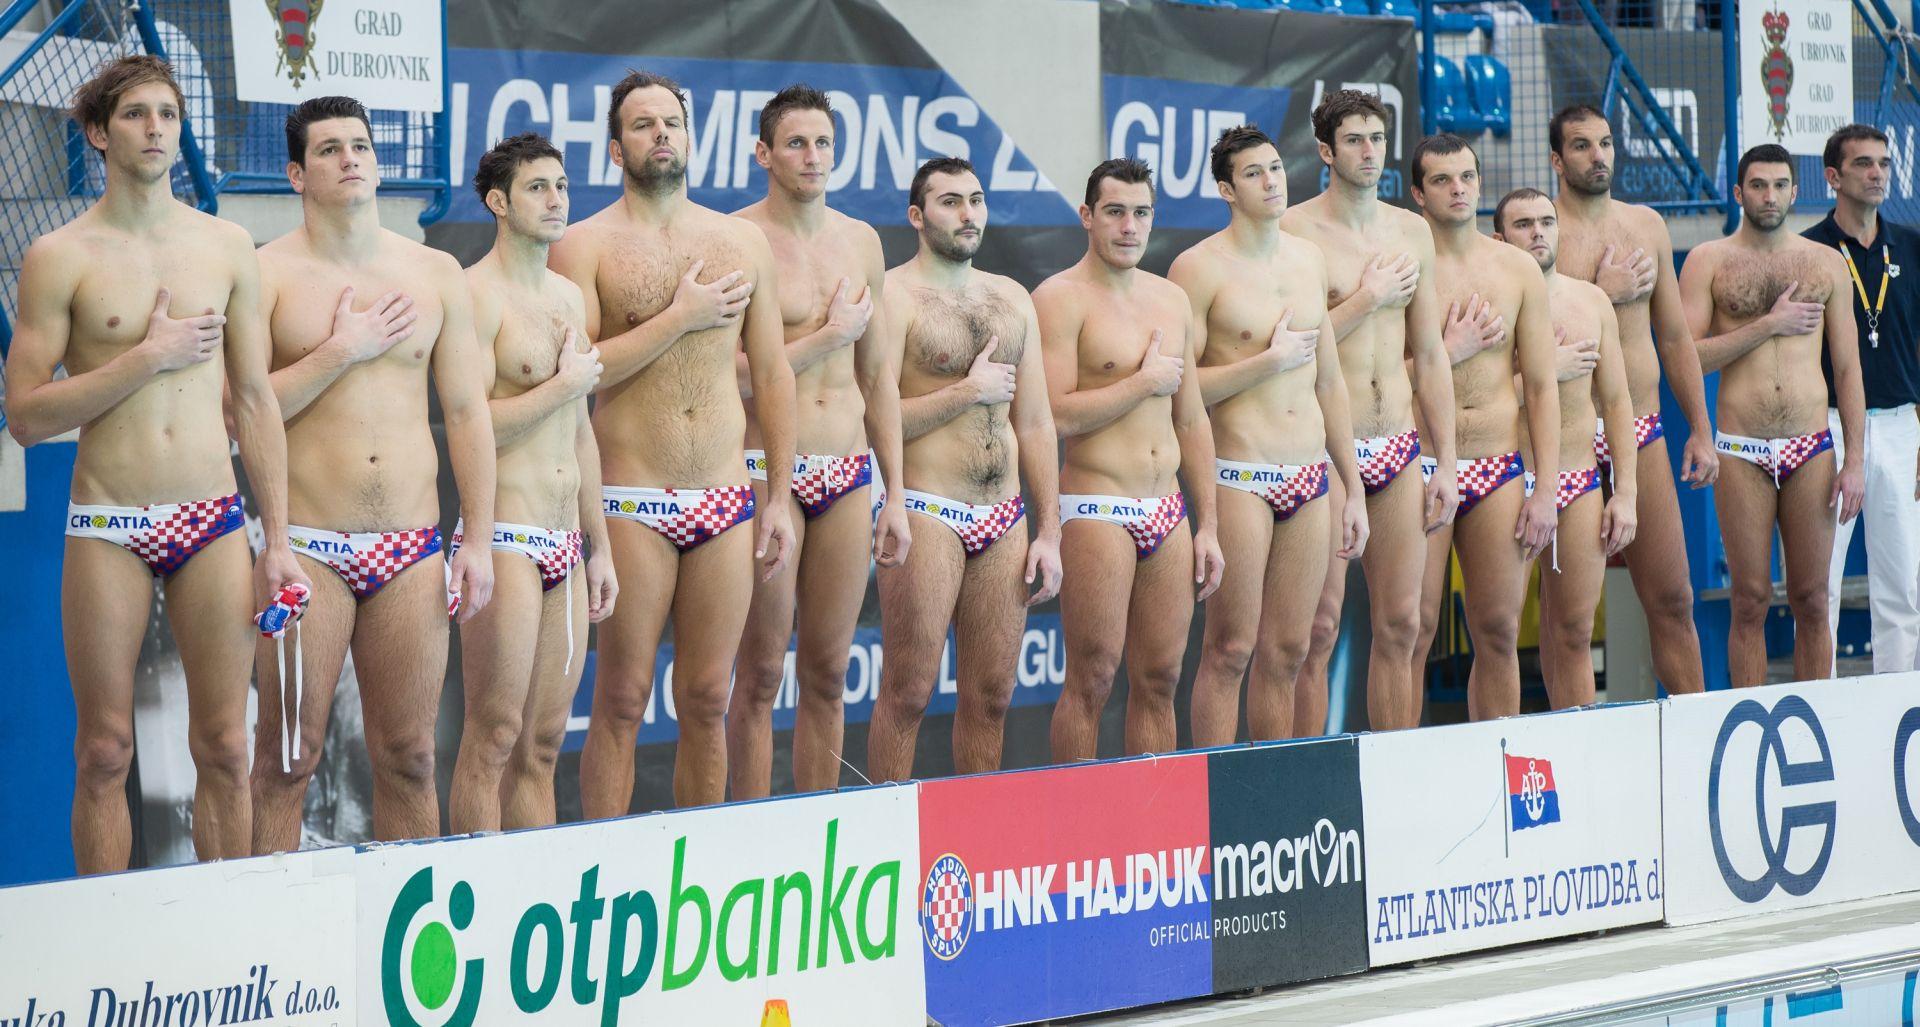 OLIMPIJSKE IGRE Vaterpolo: Hrvatska u skupini B